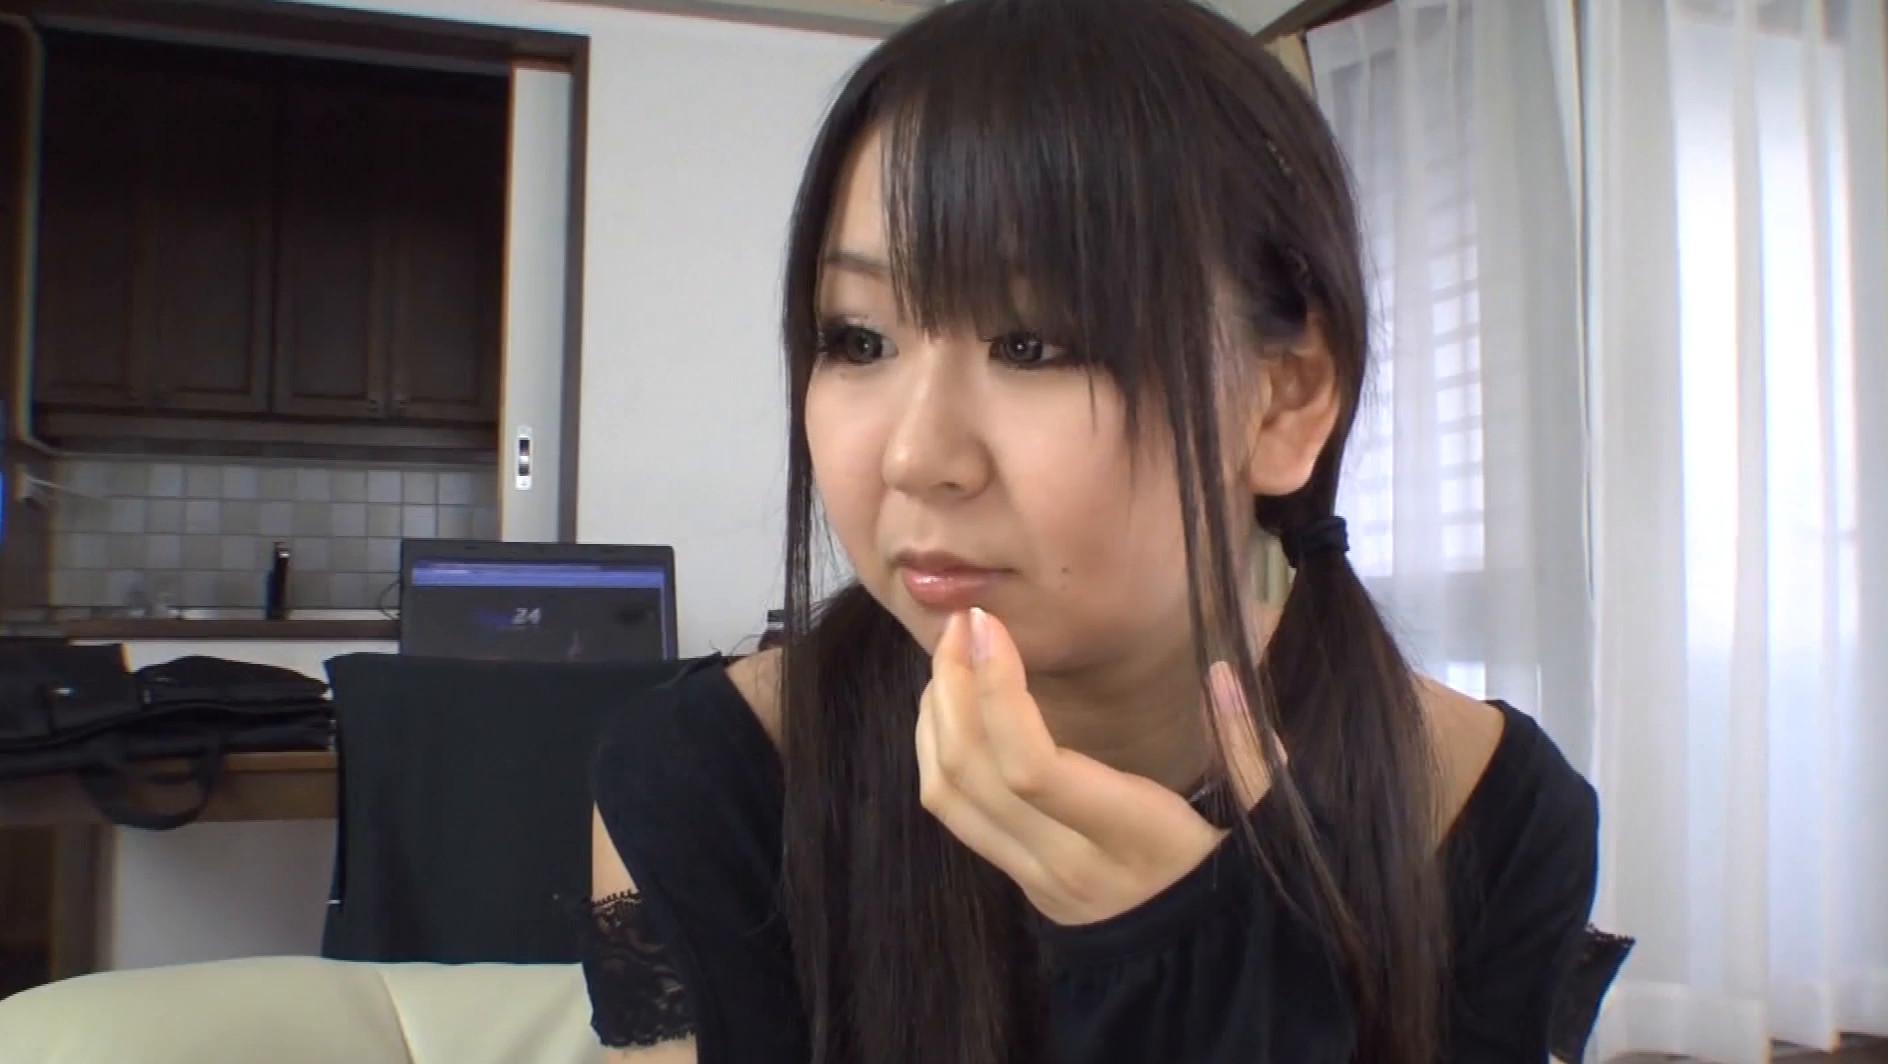 マッチングアプリで出会った素人女子に「あと〇〇万円上乗せするから・・・」と持ち掛け、思いつく限りの調教を施した結果、性奴隷に仕上がった様を収めた映像集 画像1